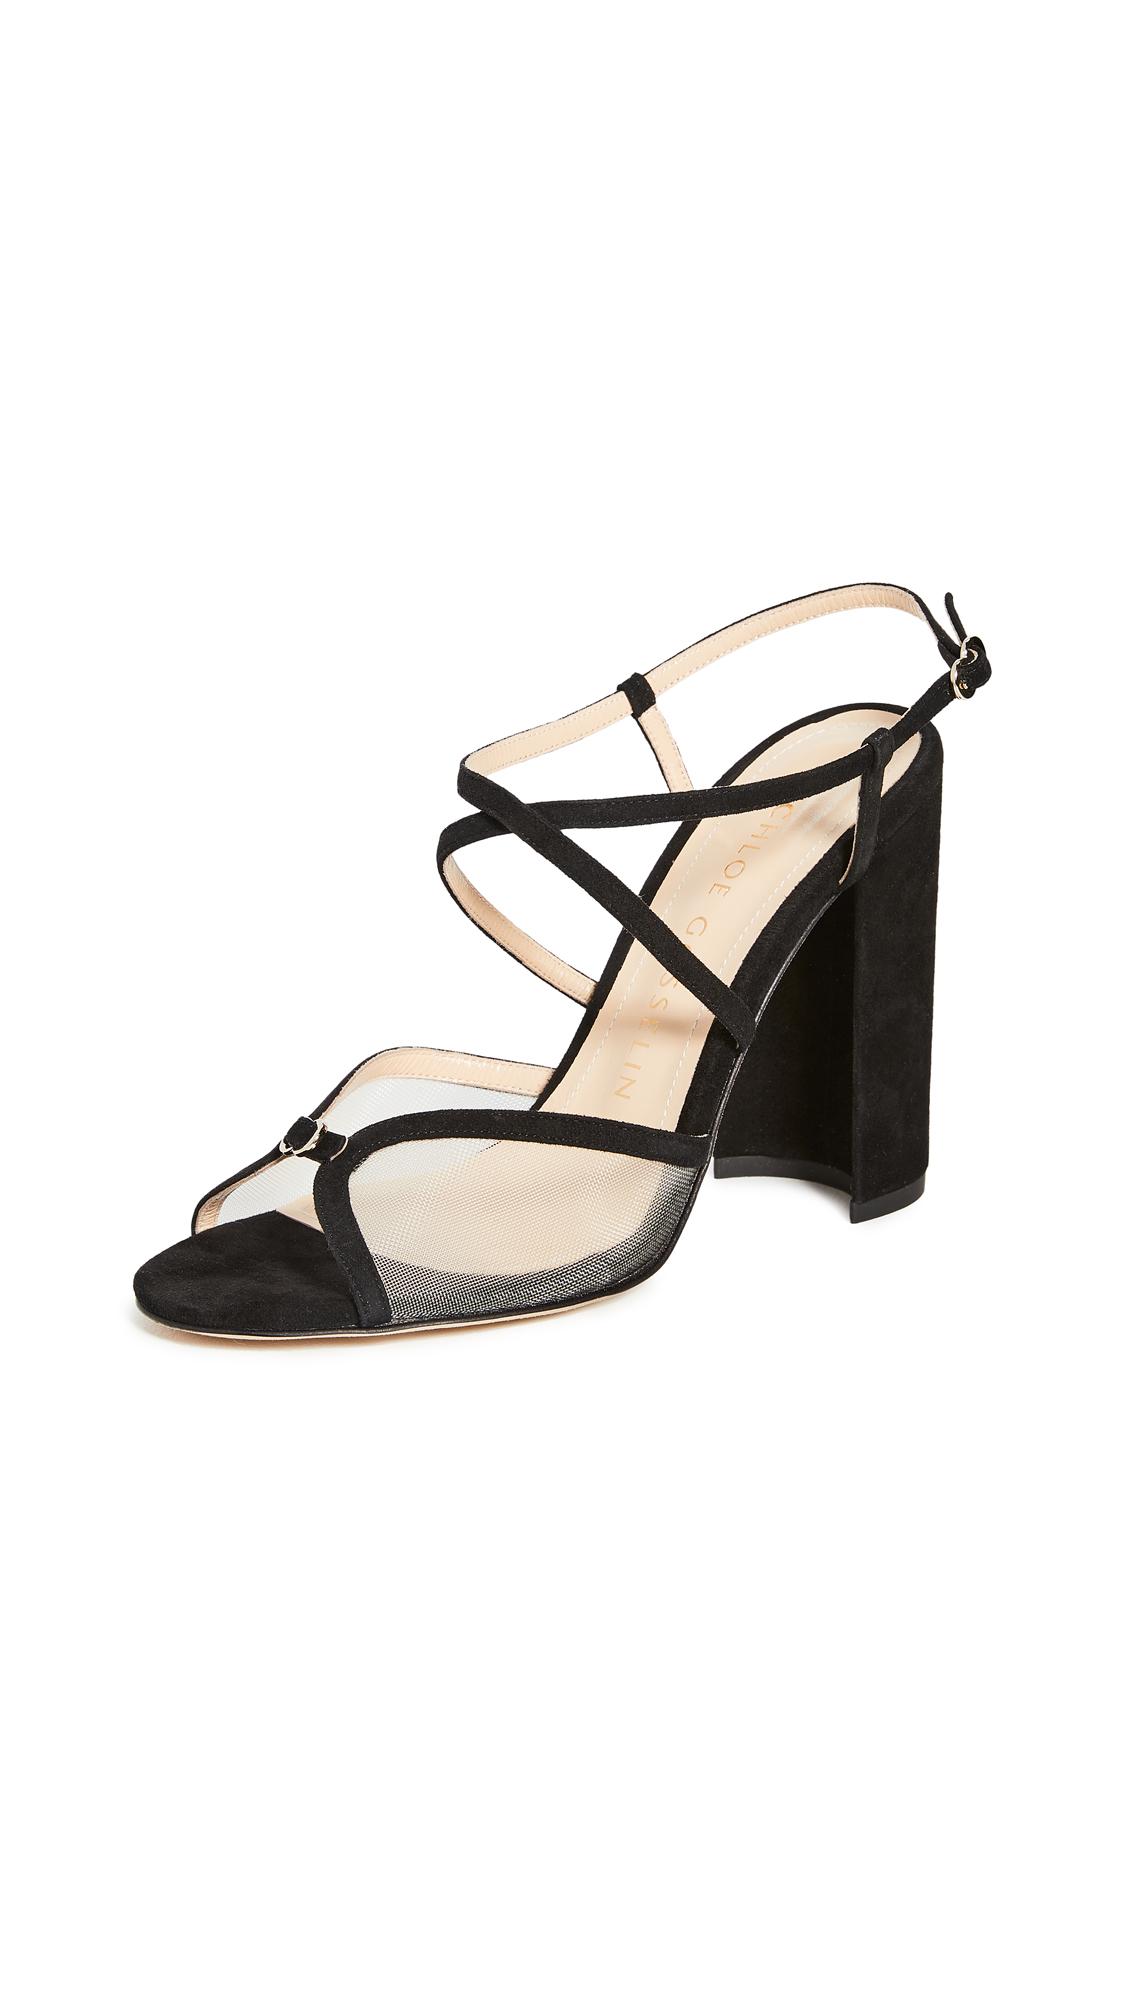 Chloe Gosselin Angela Open-Toe Strappy Sandals - 50% Off Sale